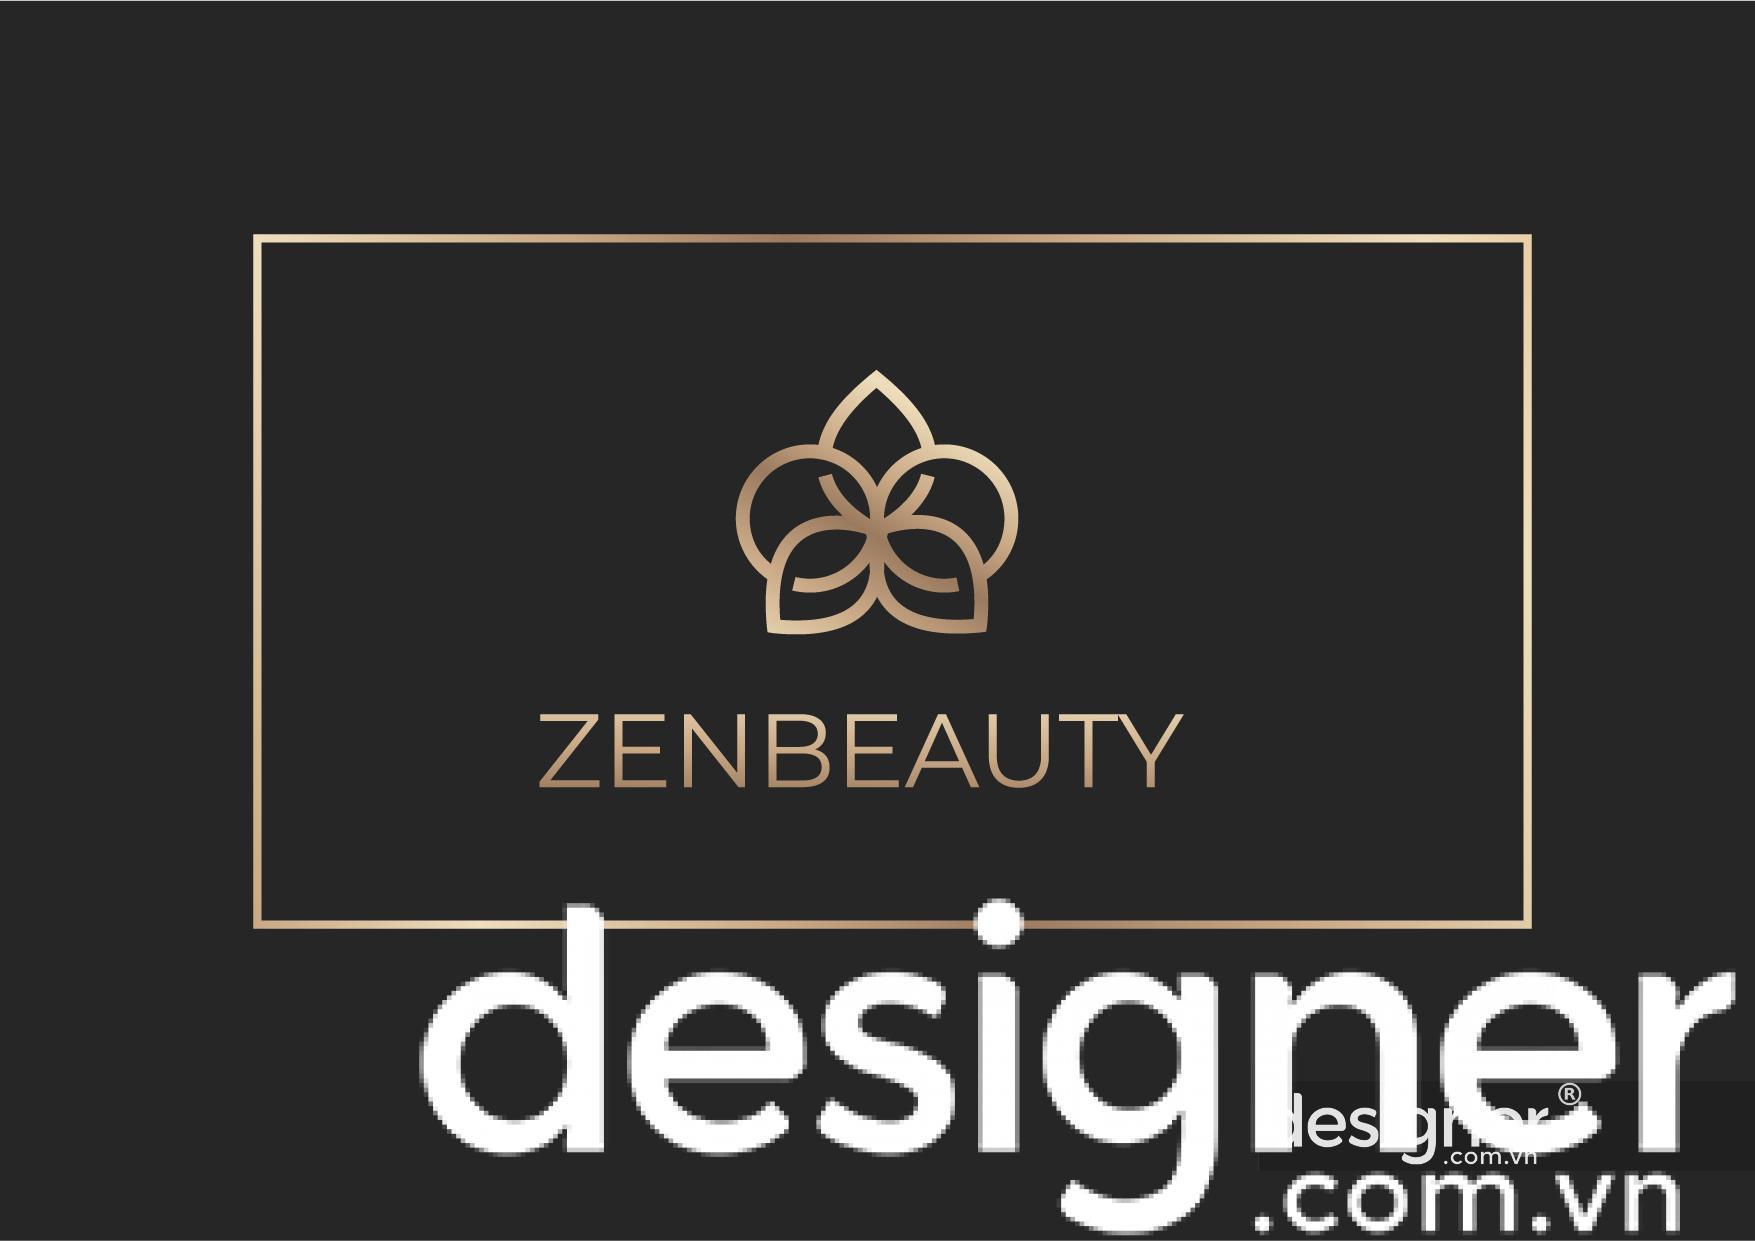 zenbeauty 01 1